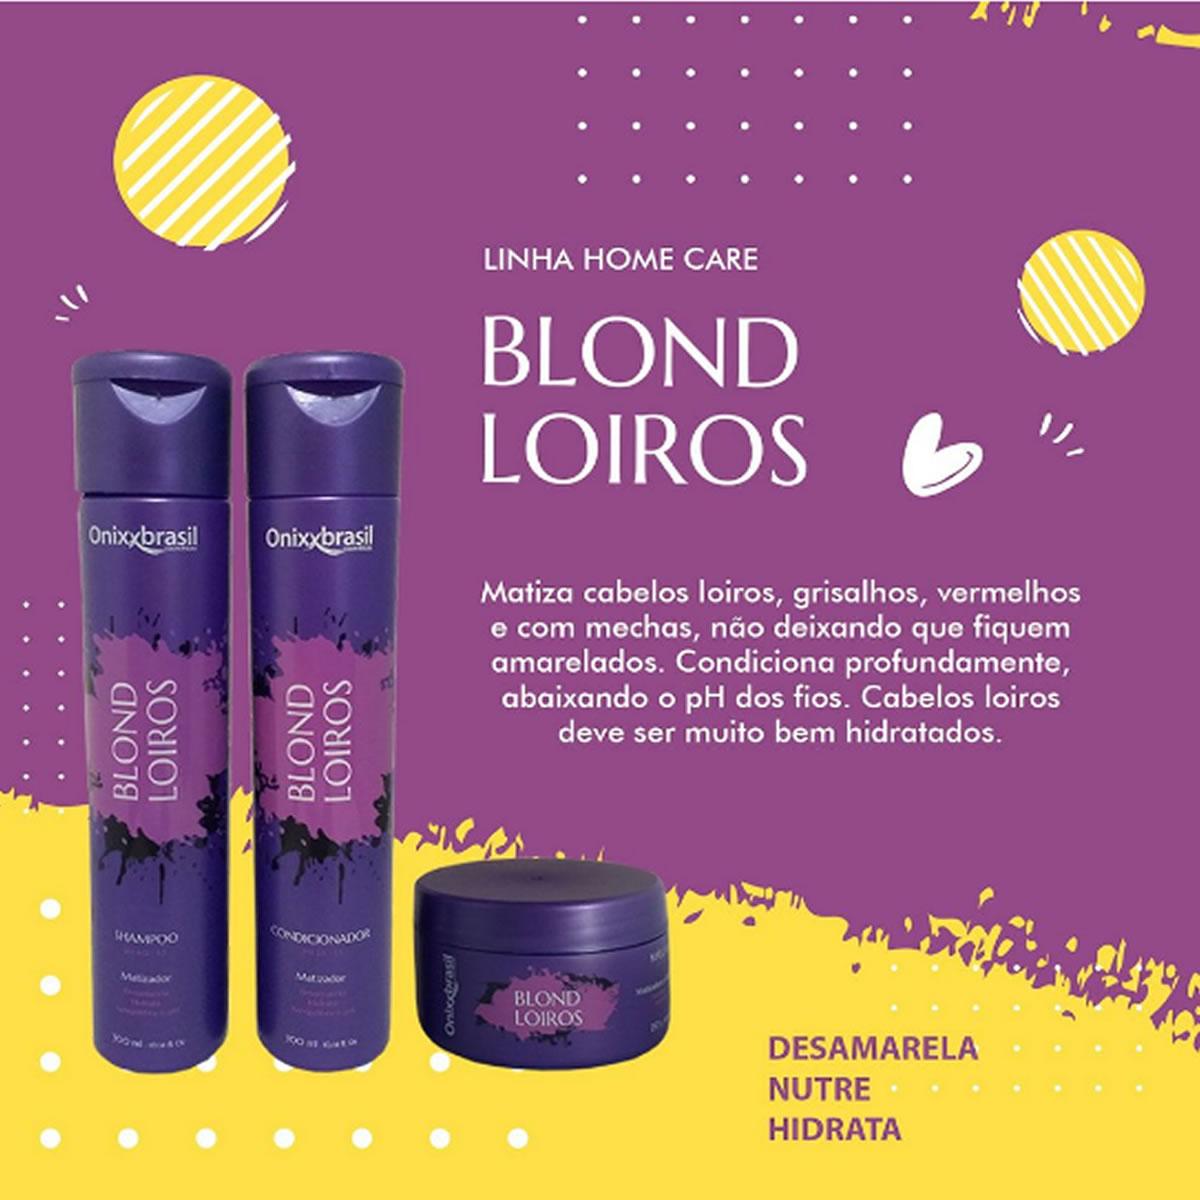 Máscara Blond Loiros 250g - Onixxbrasil